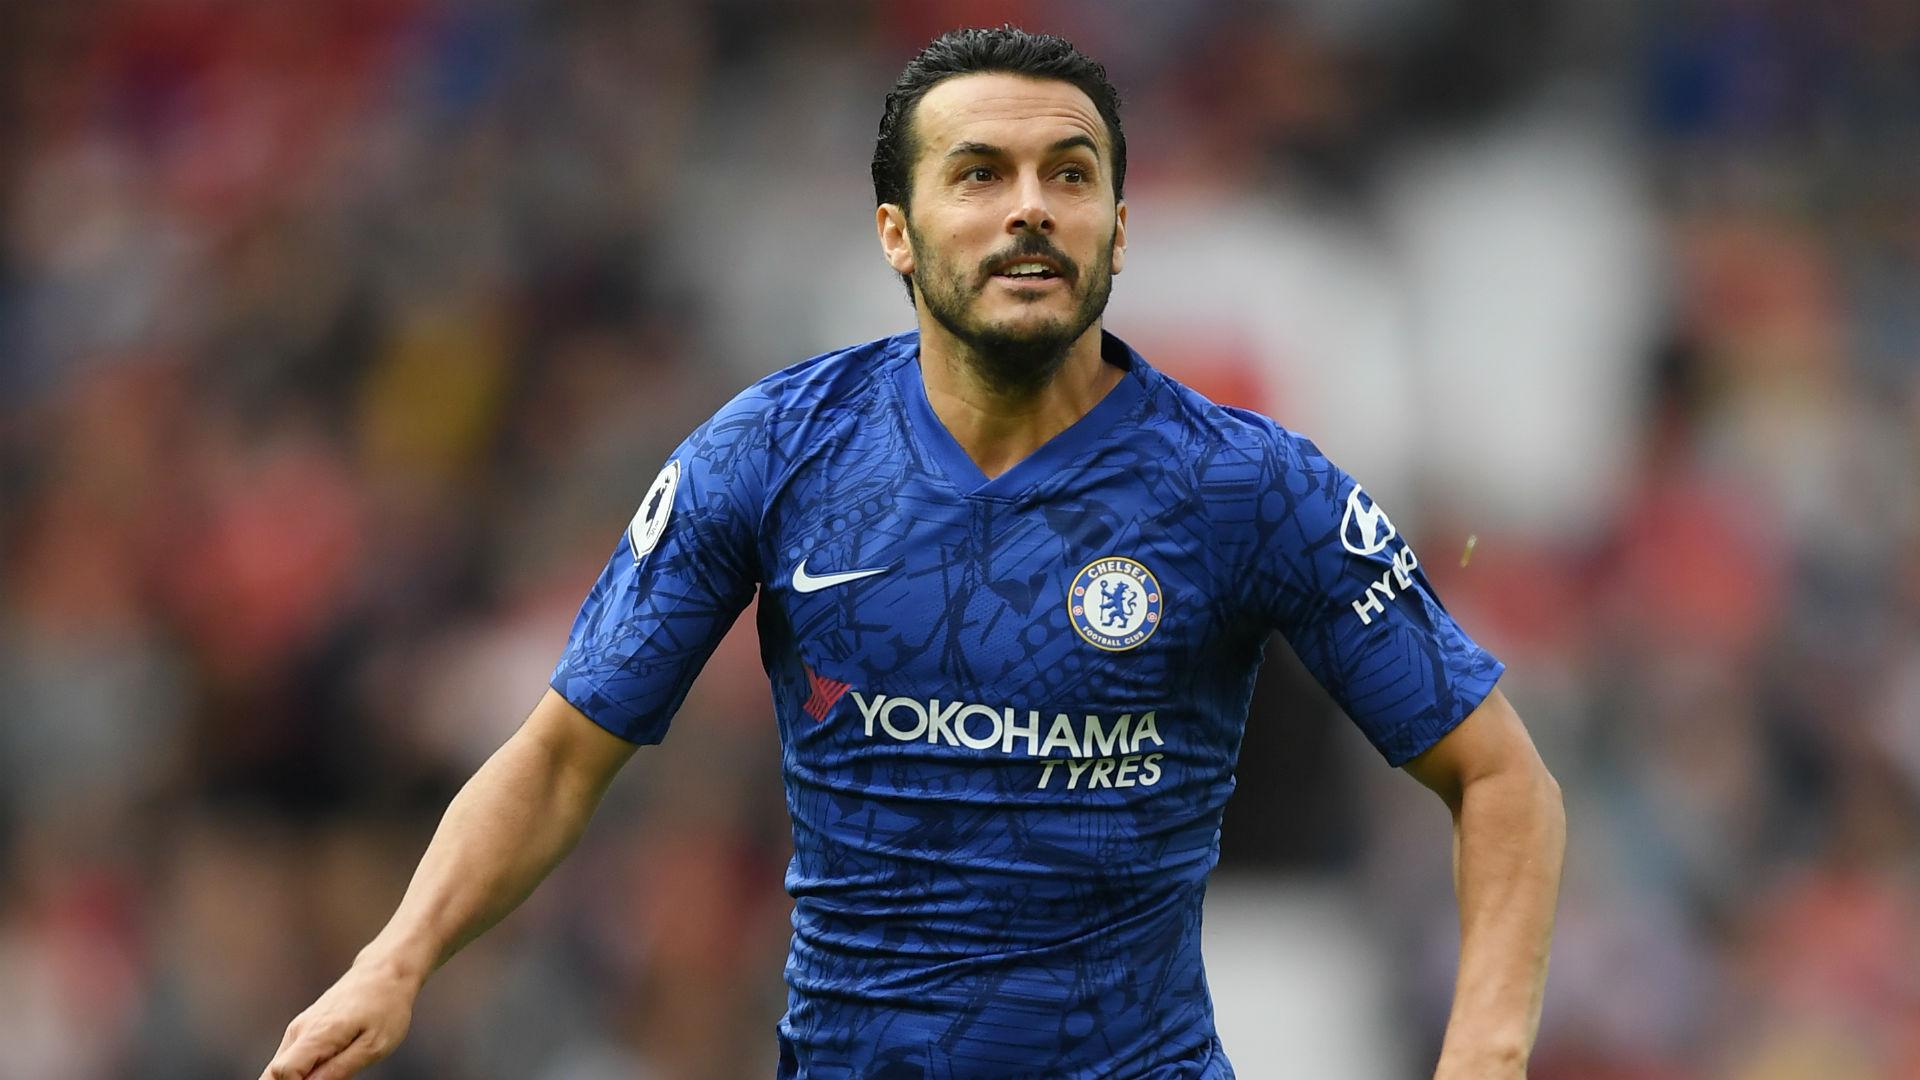 Pedro Chelsea Manchester United Premier League 2019